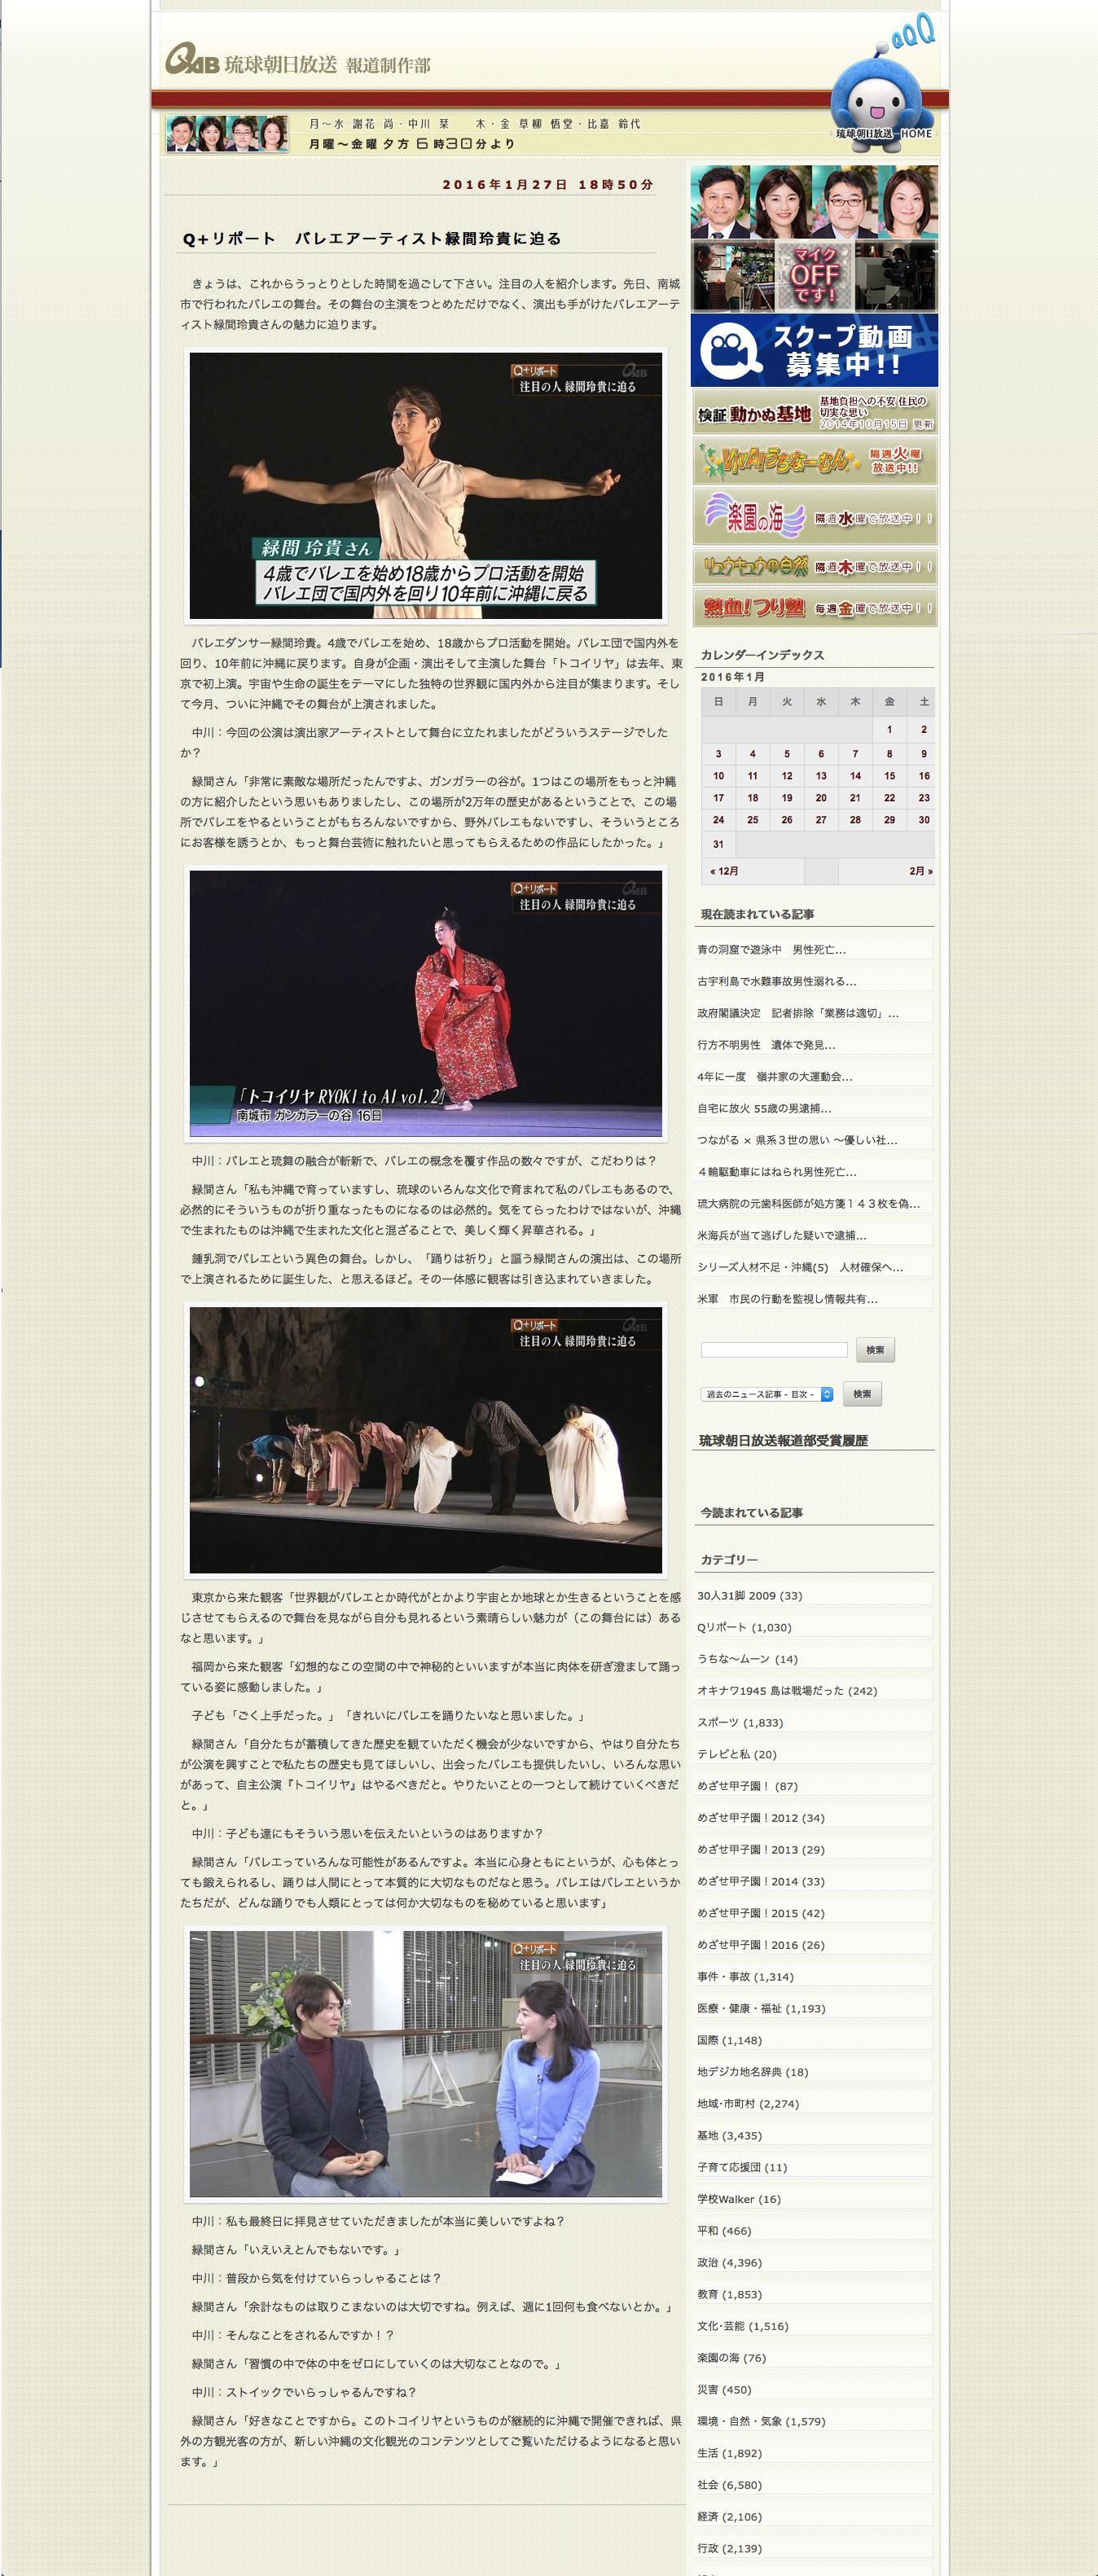 琉球朝日放送 TVニュース報道